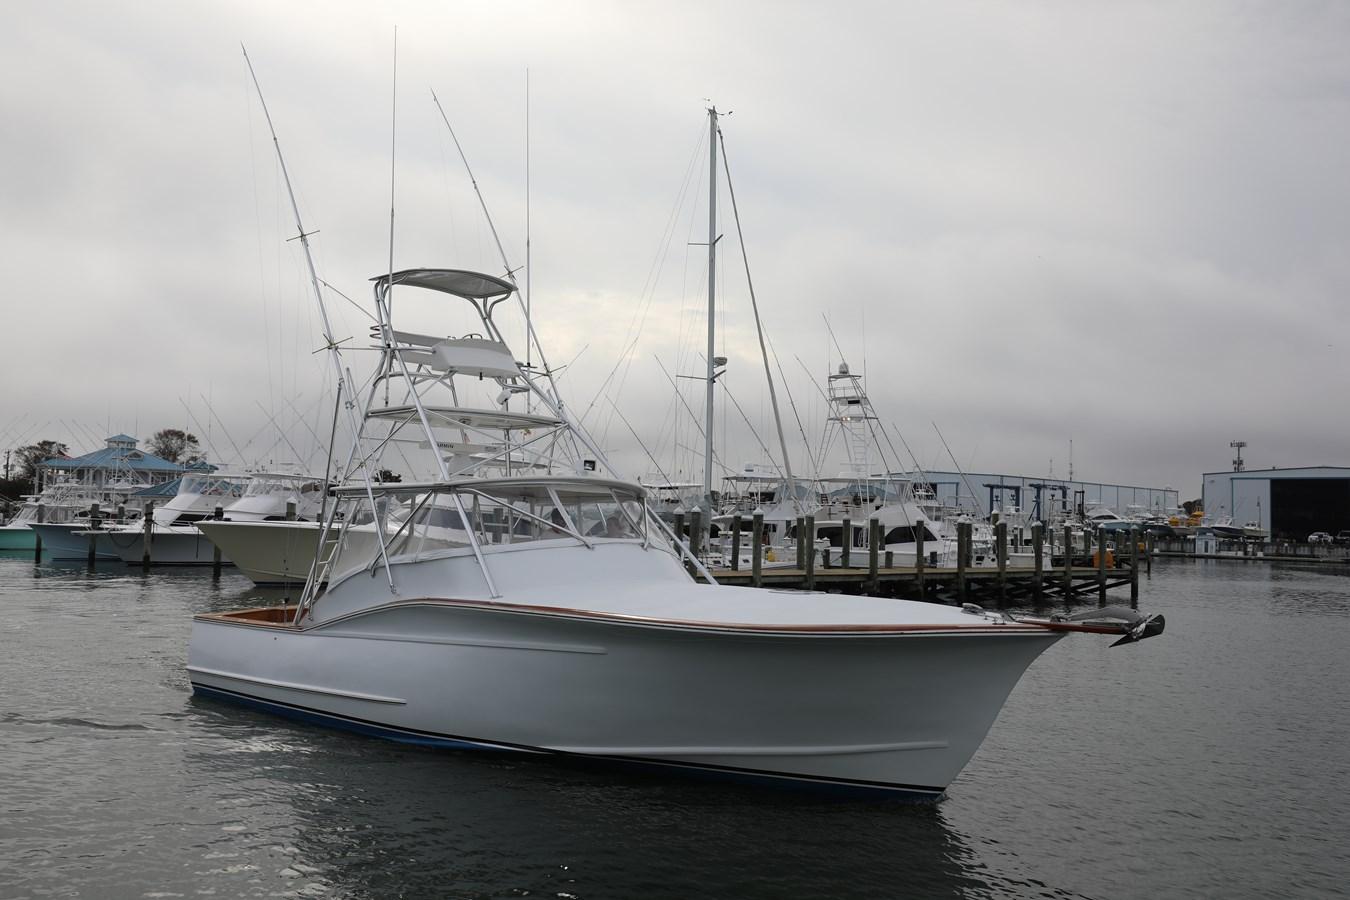 0L7A8838 2008 GILLIKIN  Sport Fisherman 2753170